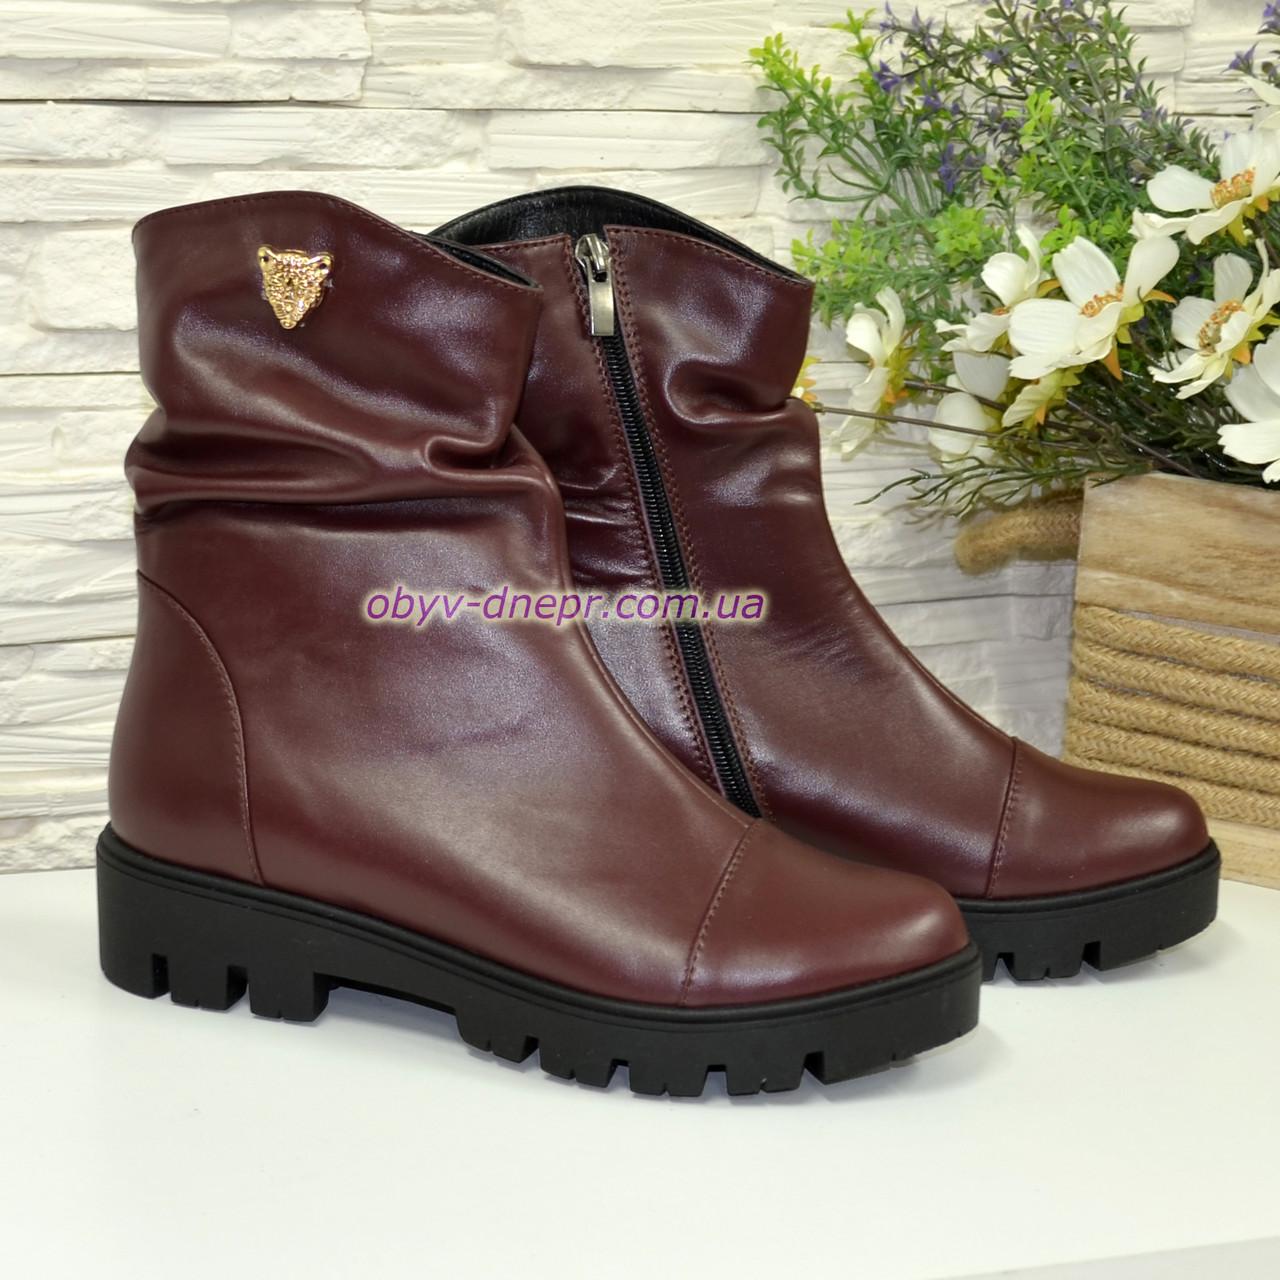 Стильные женские ботинки из бордовой кожи, утолщенная тракторная подошва